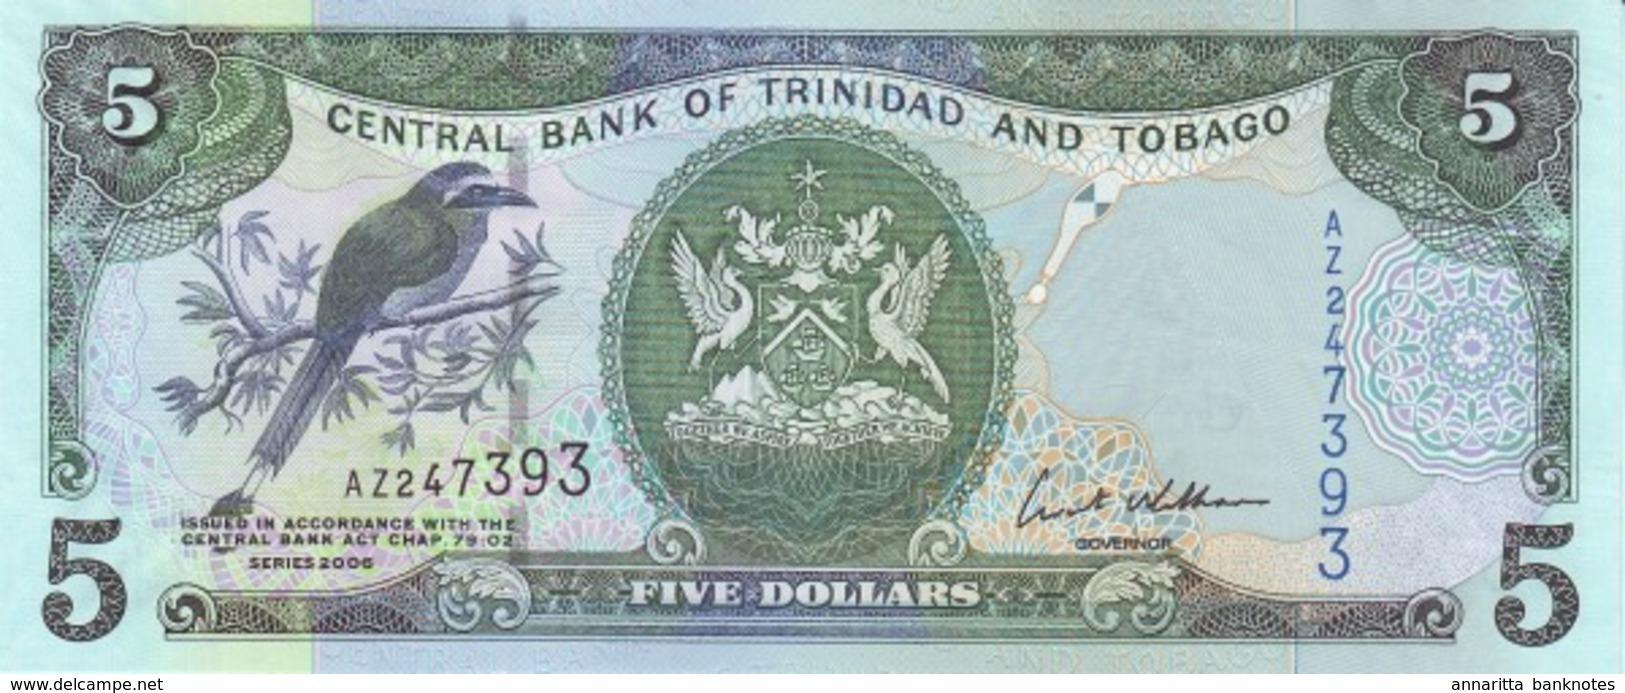 TRINIDAD & TOBAGO 5 DOLLARS 2006 P-47 UNC [ TT222a ] - Trinidad & Tobago